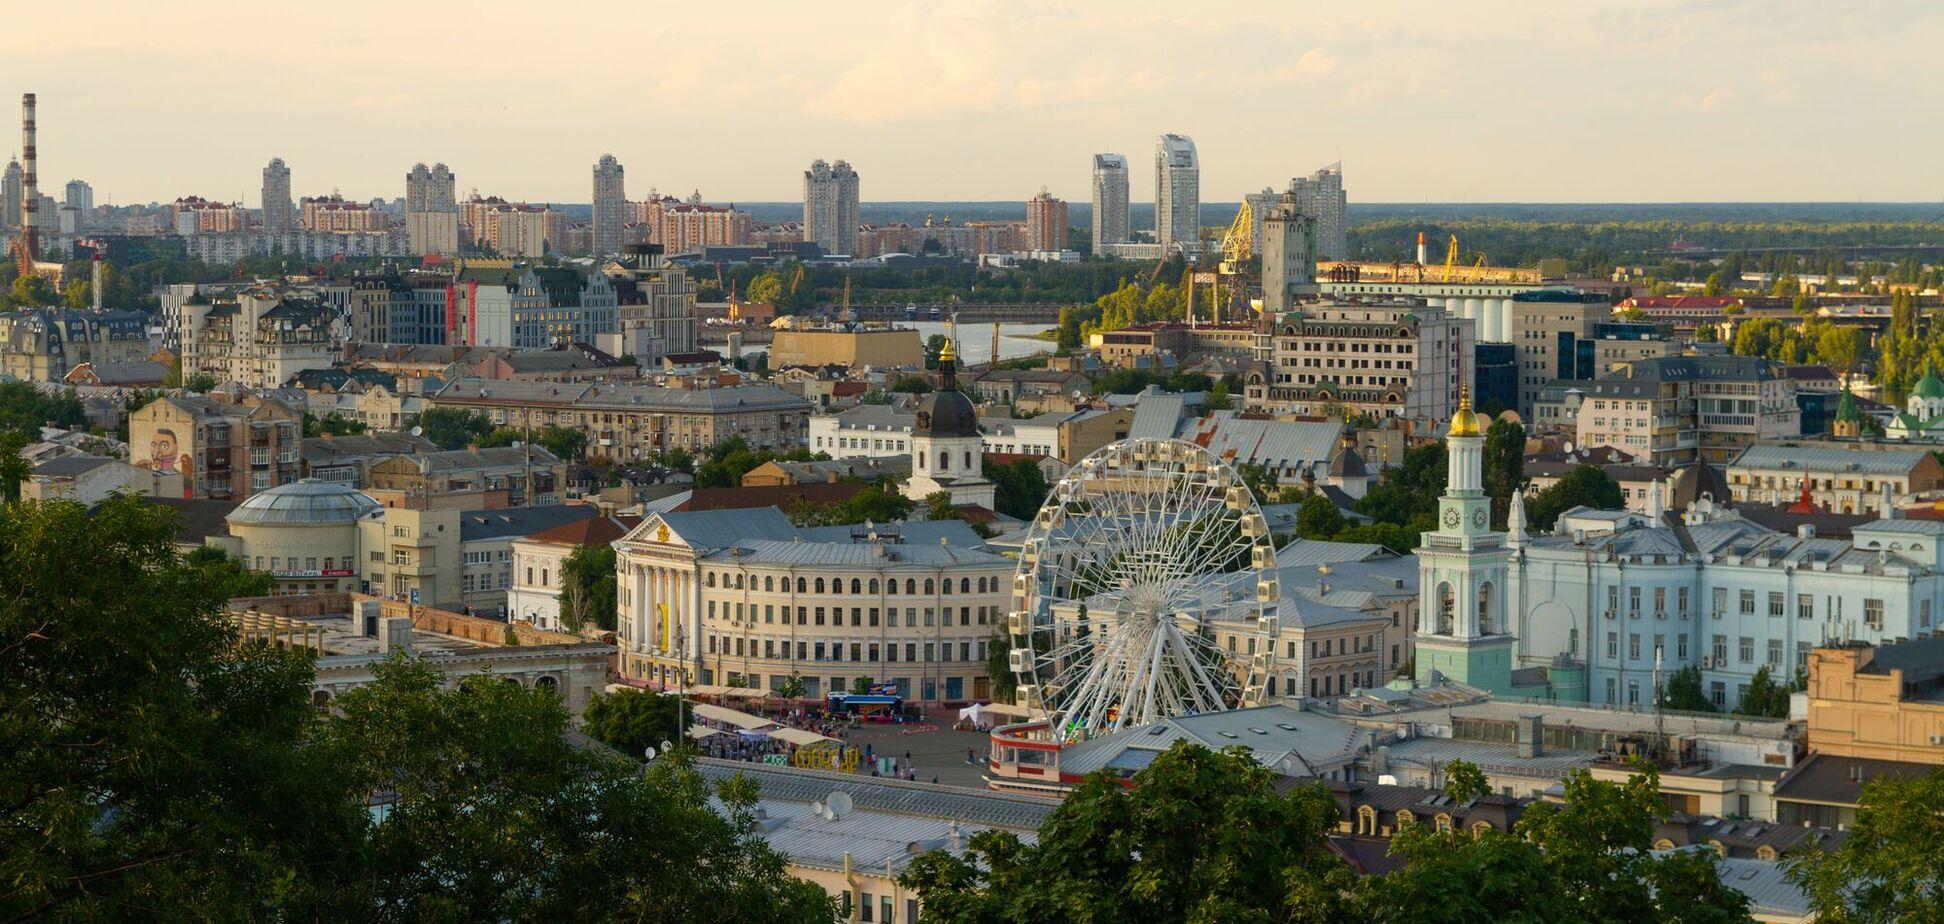 Більшість місць знаходиться в центрі столиці